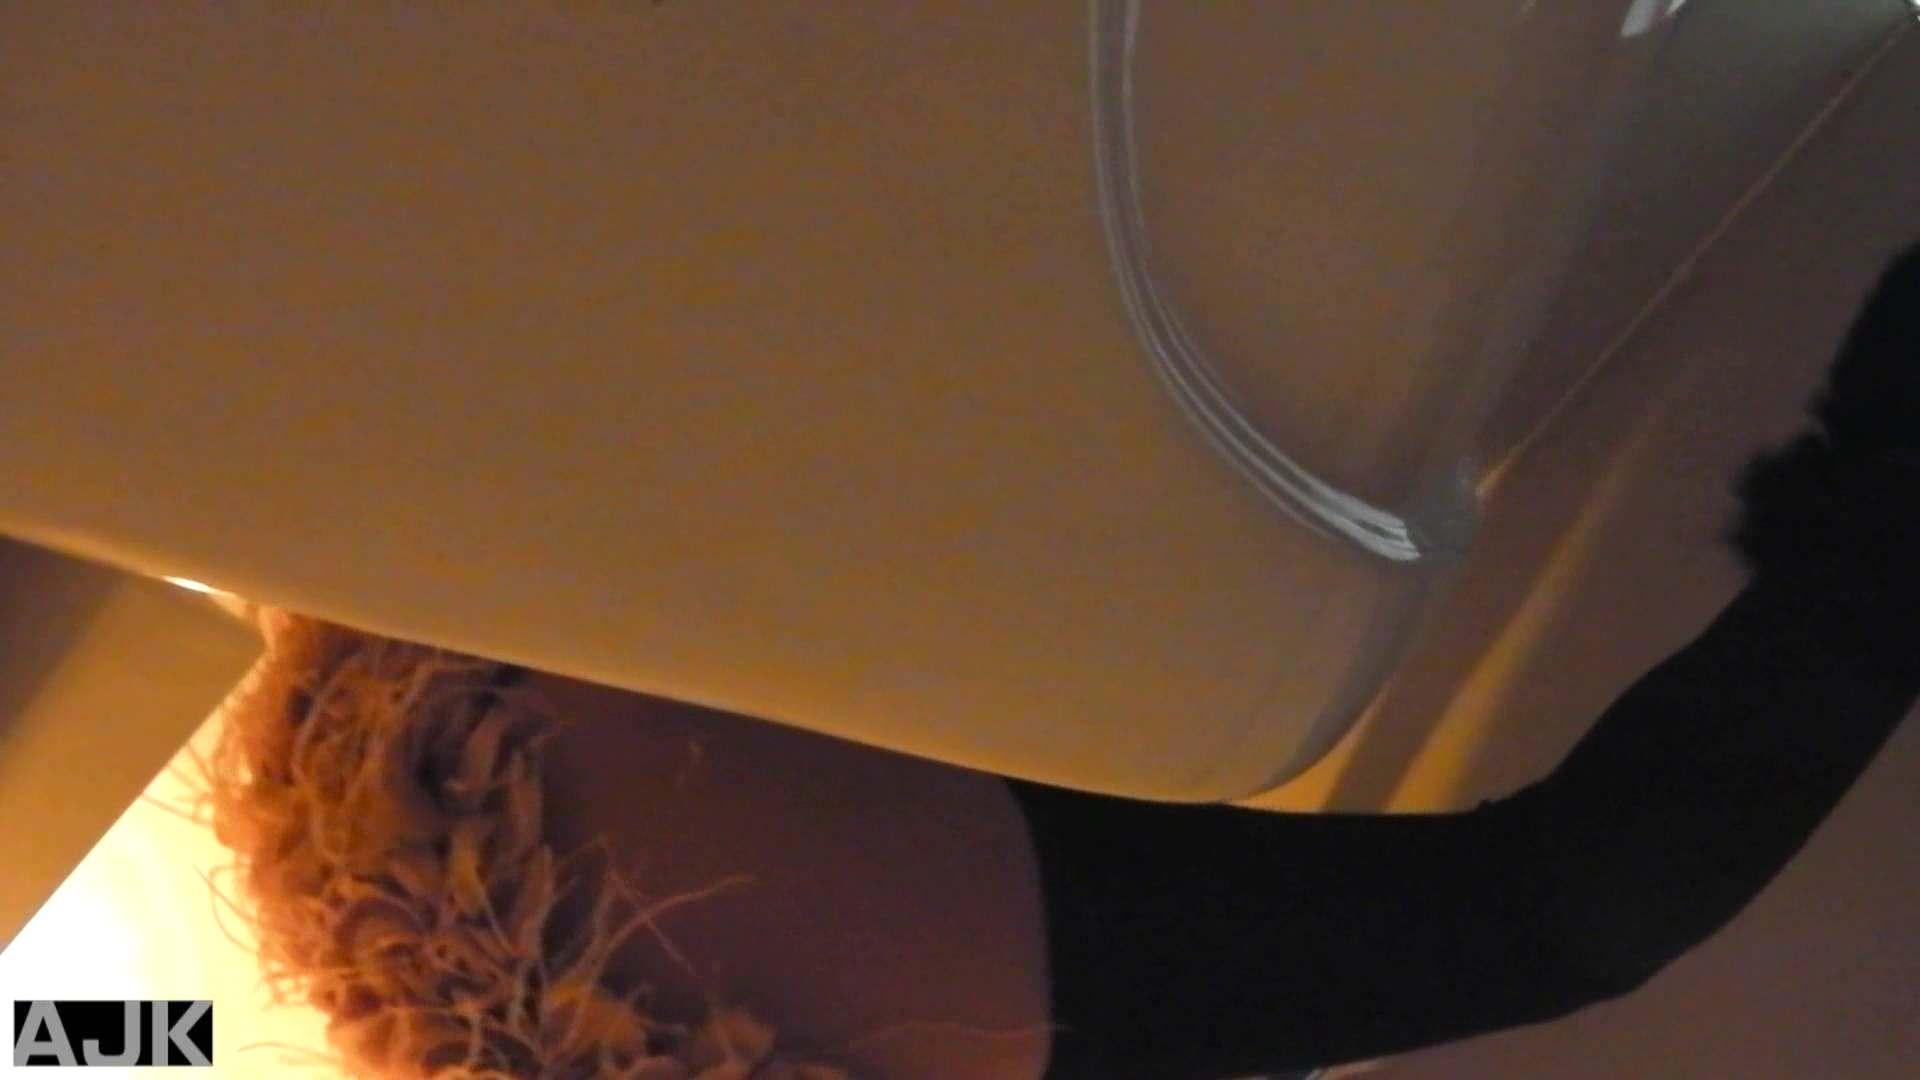 神降臨!史上最強の潜入かわや! vol.25 無料オマンコ すけべAV動画紹介 56PICs 40